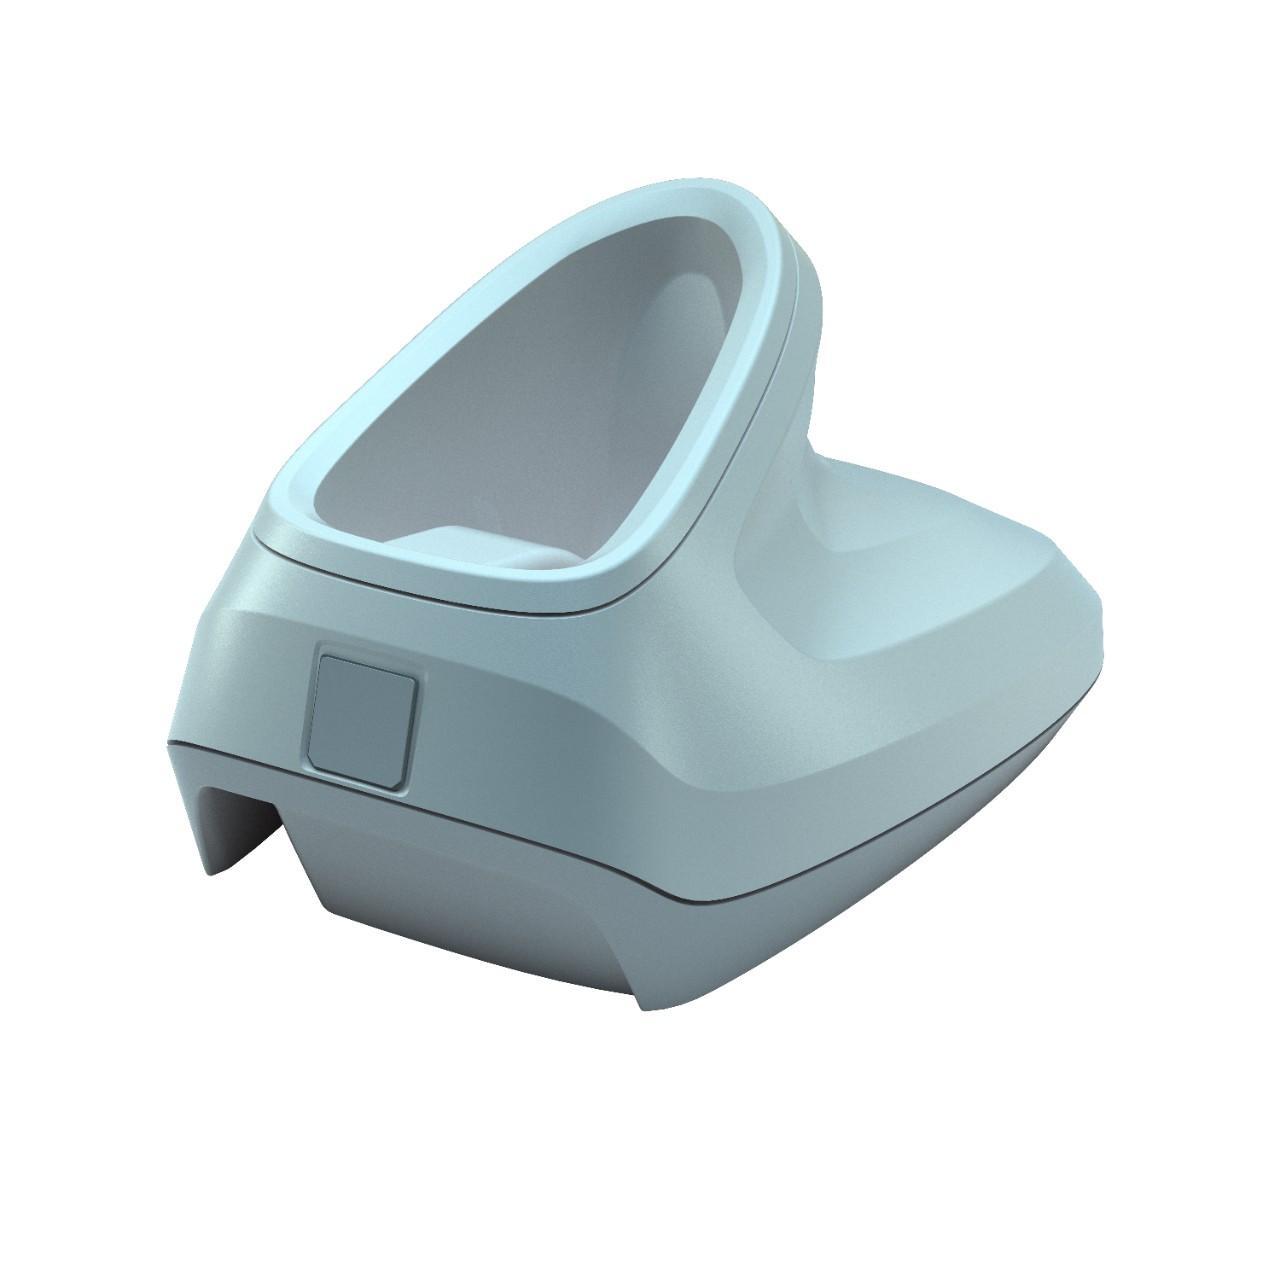 бяла стойка на безжичен баркод скенер Zebra DS2278 Bluetooth поглед отстрани заден